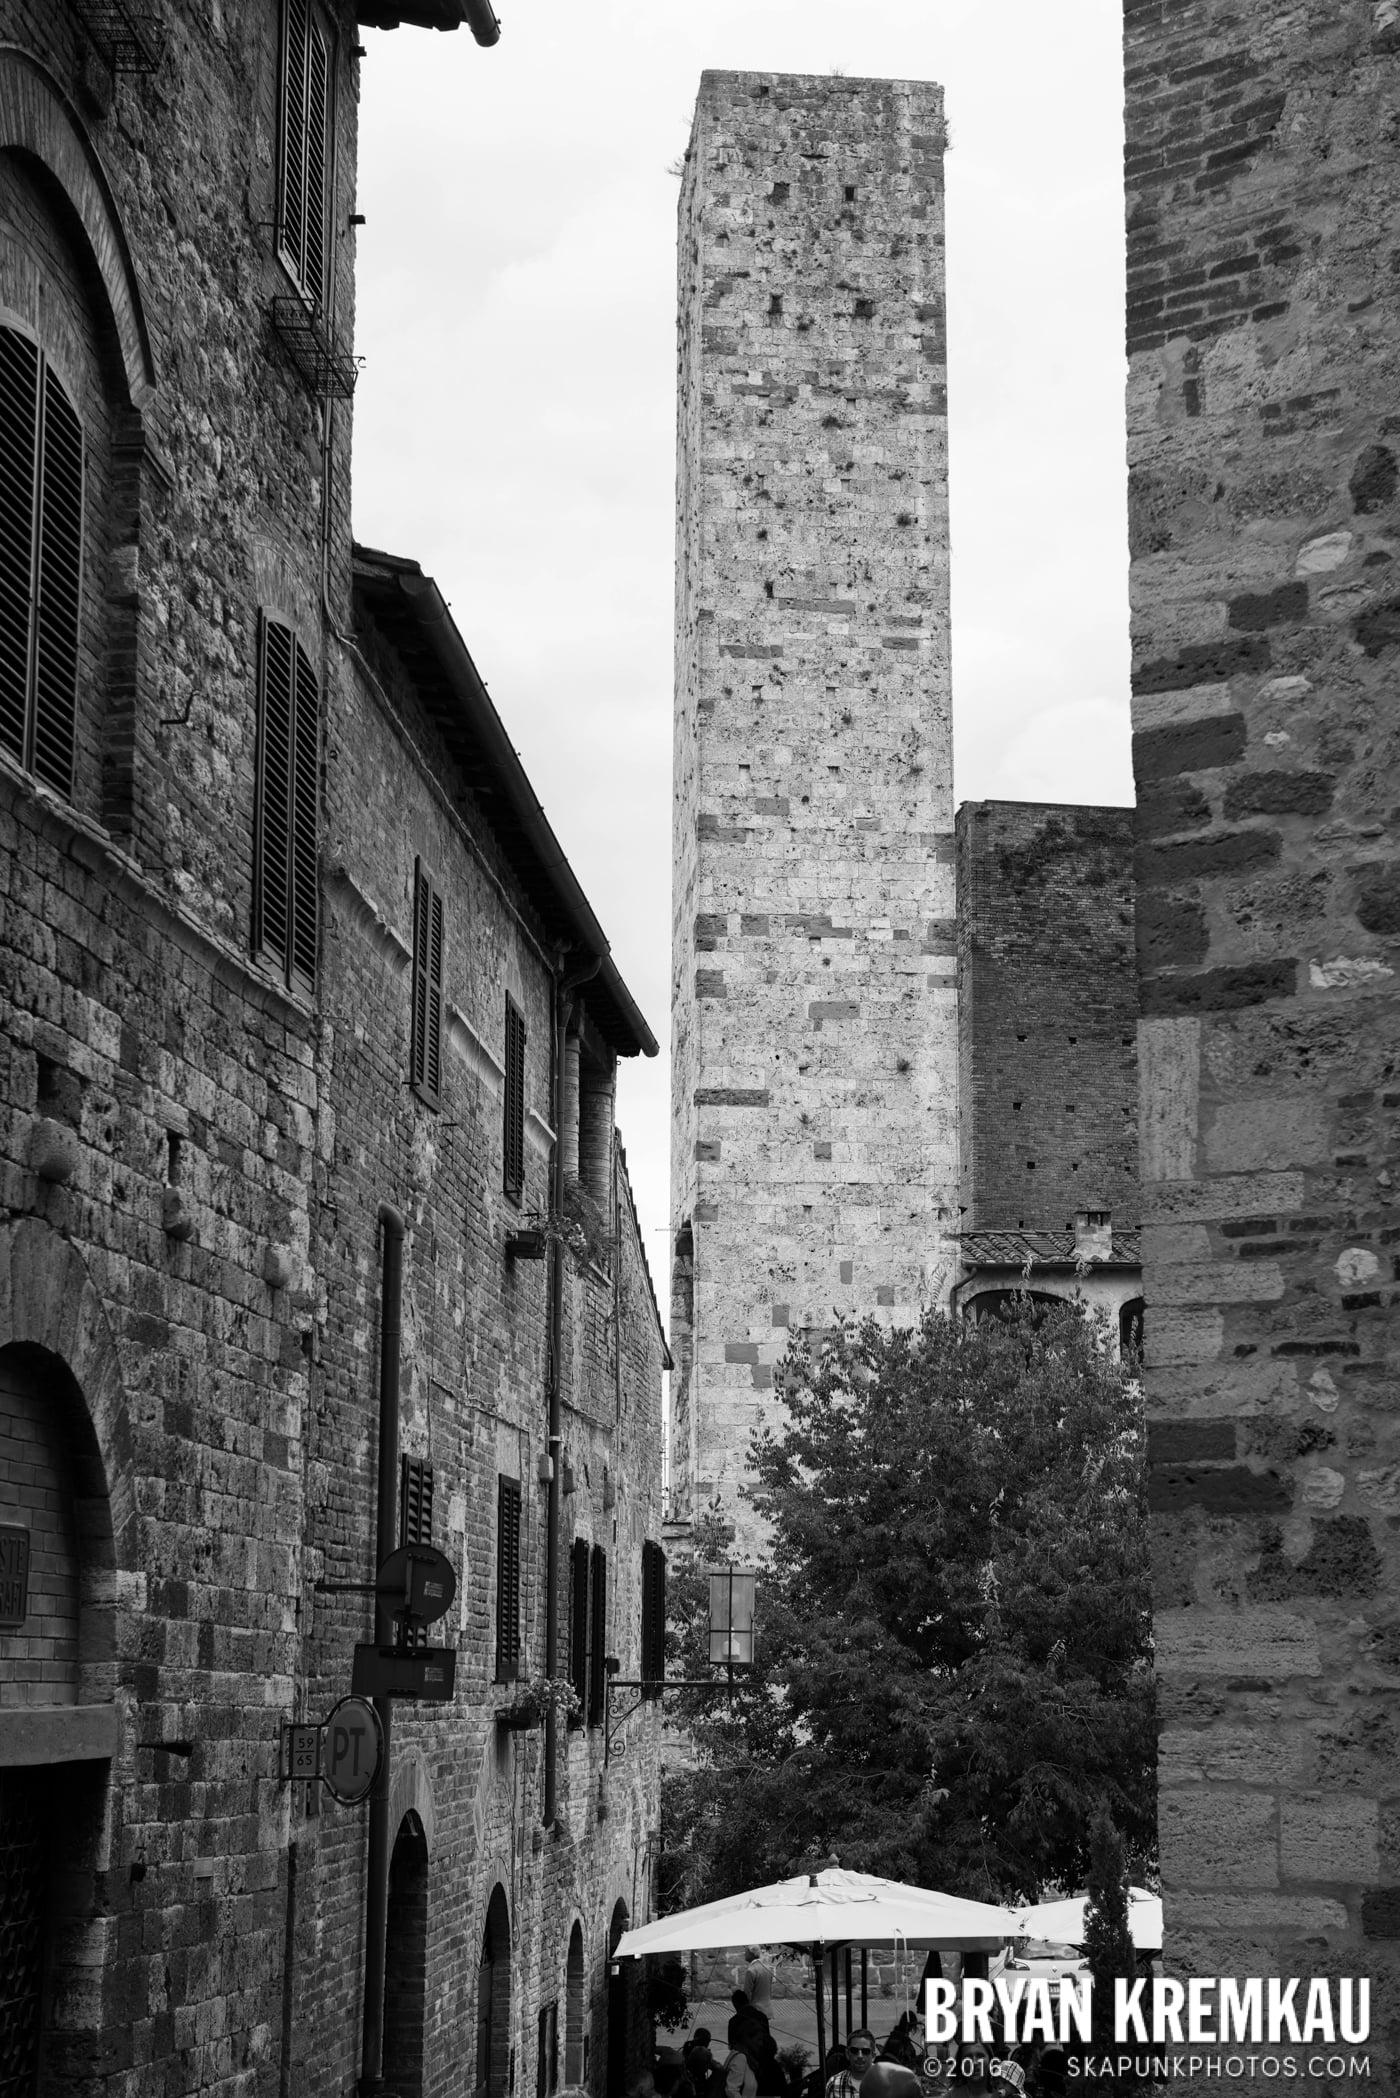 Italy Vacation - Day 8: Siena, San Gimignano, Chianti, Pisa - 9.16.13 (50)